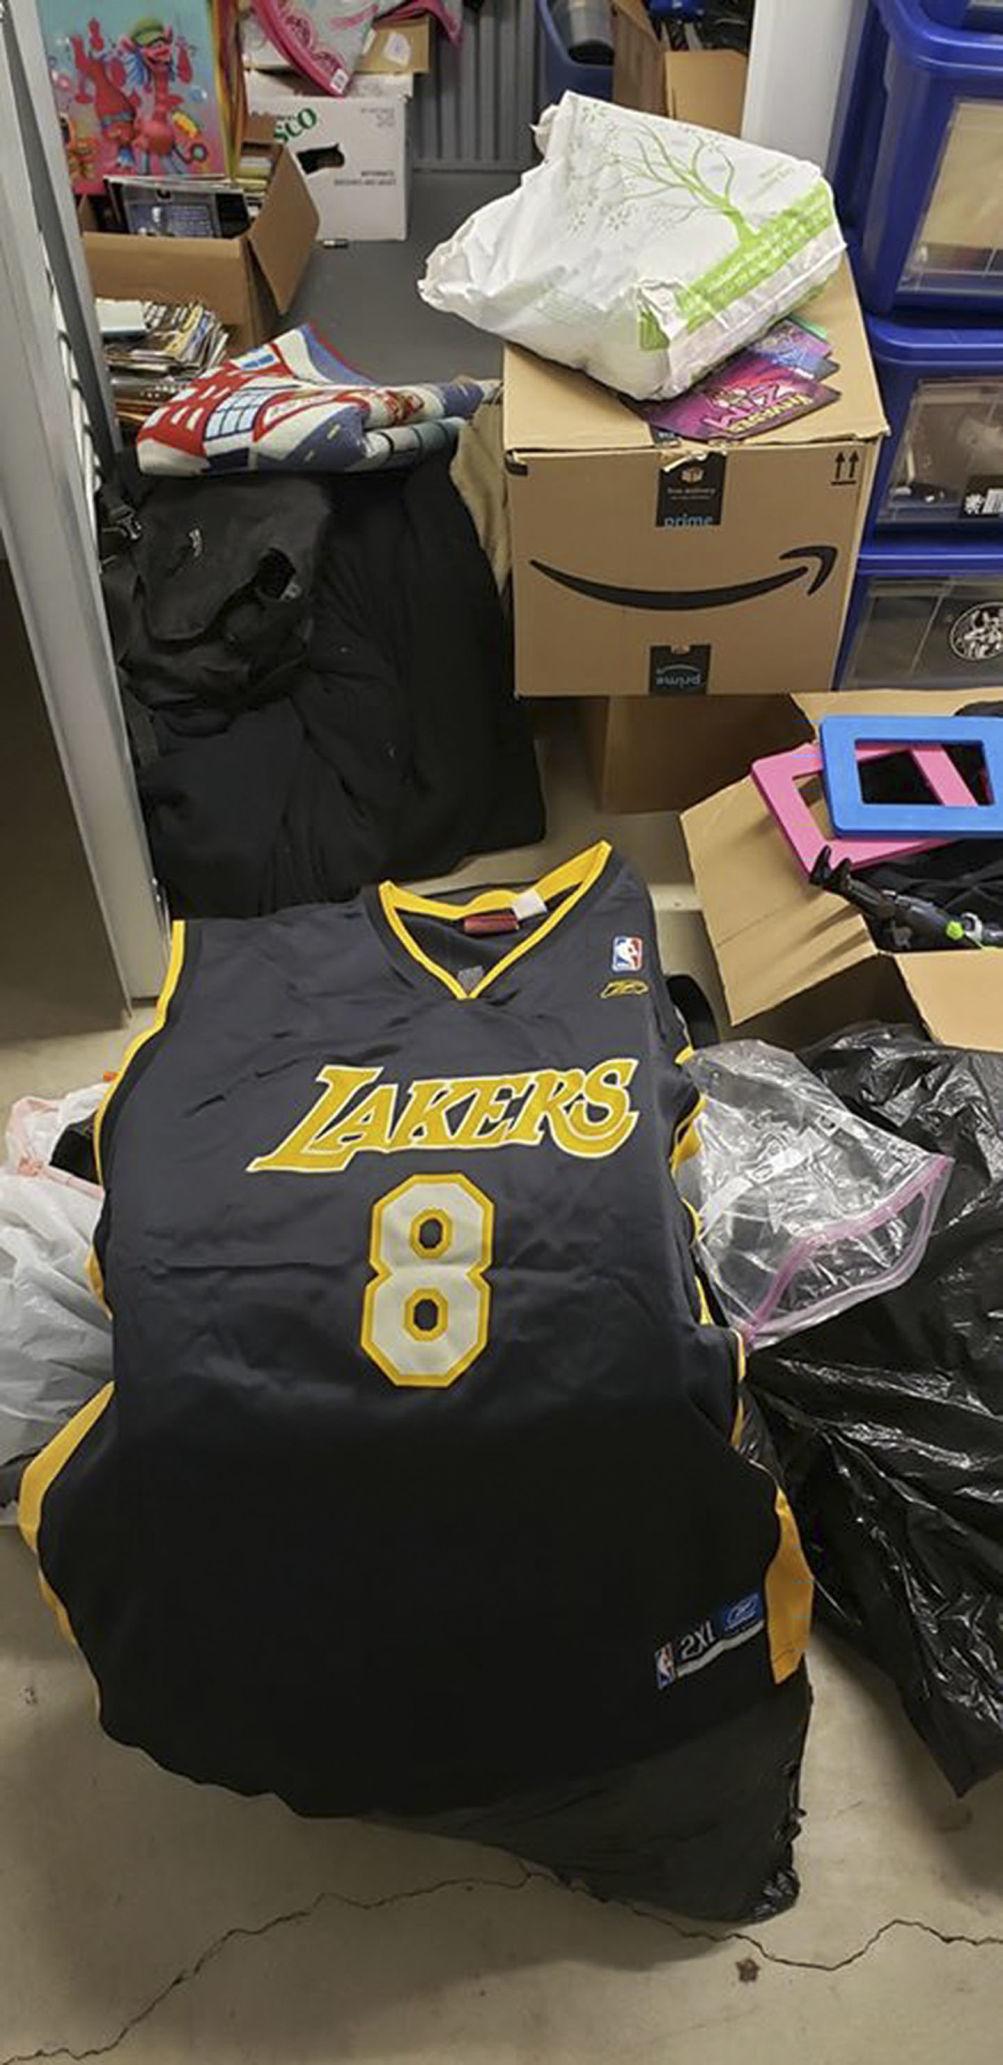 020620 Kobe jersey2.jpg